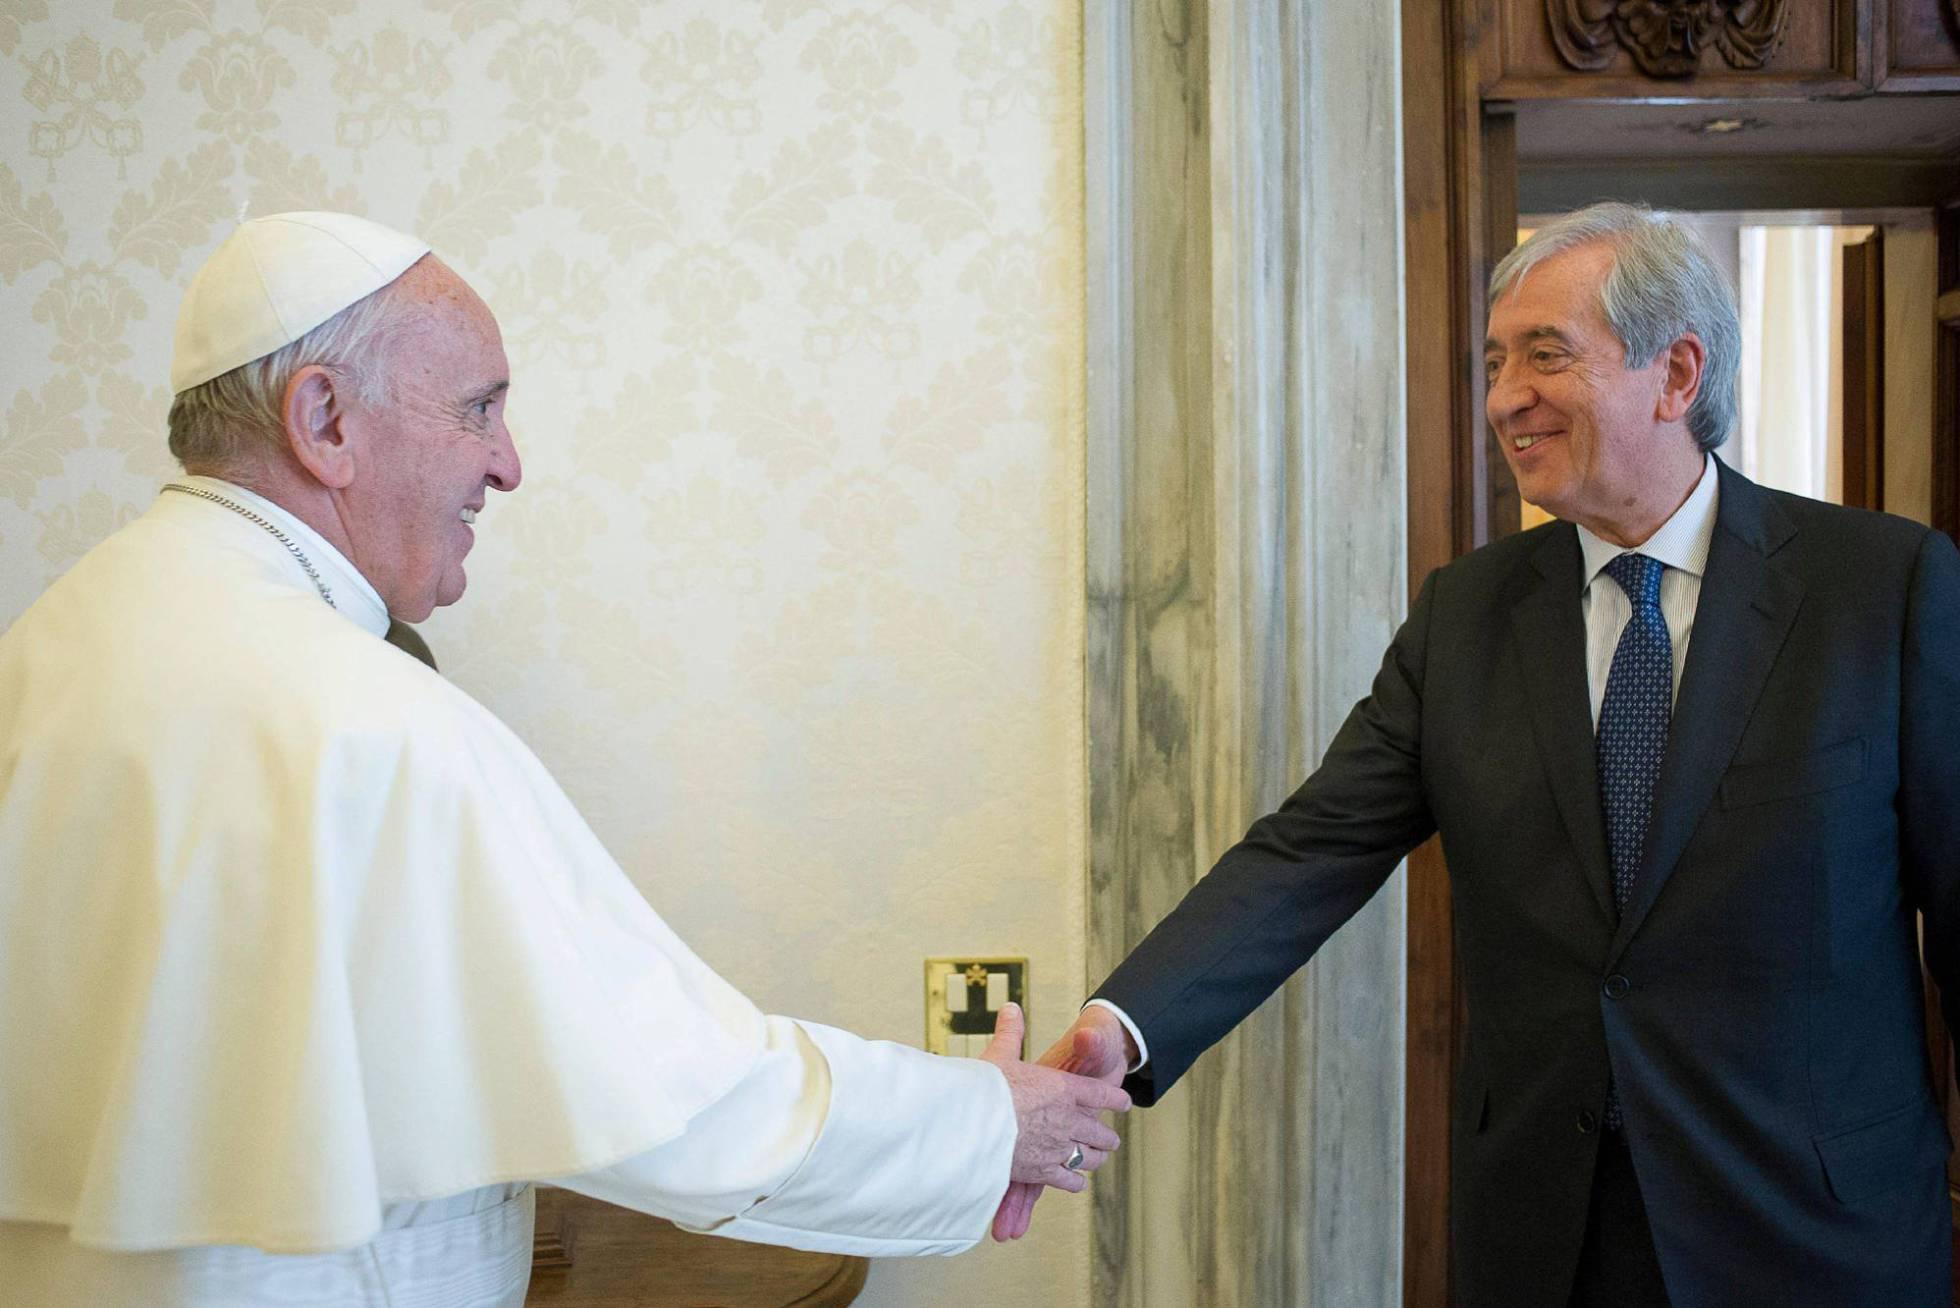 El banco del Vaticano denuncia un fraude millonario